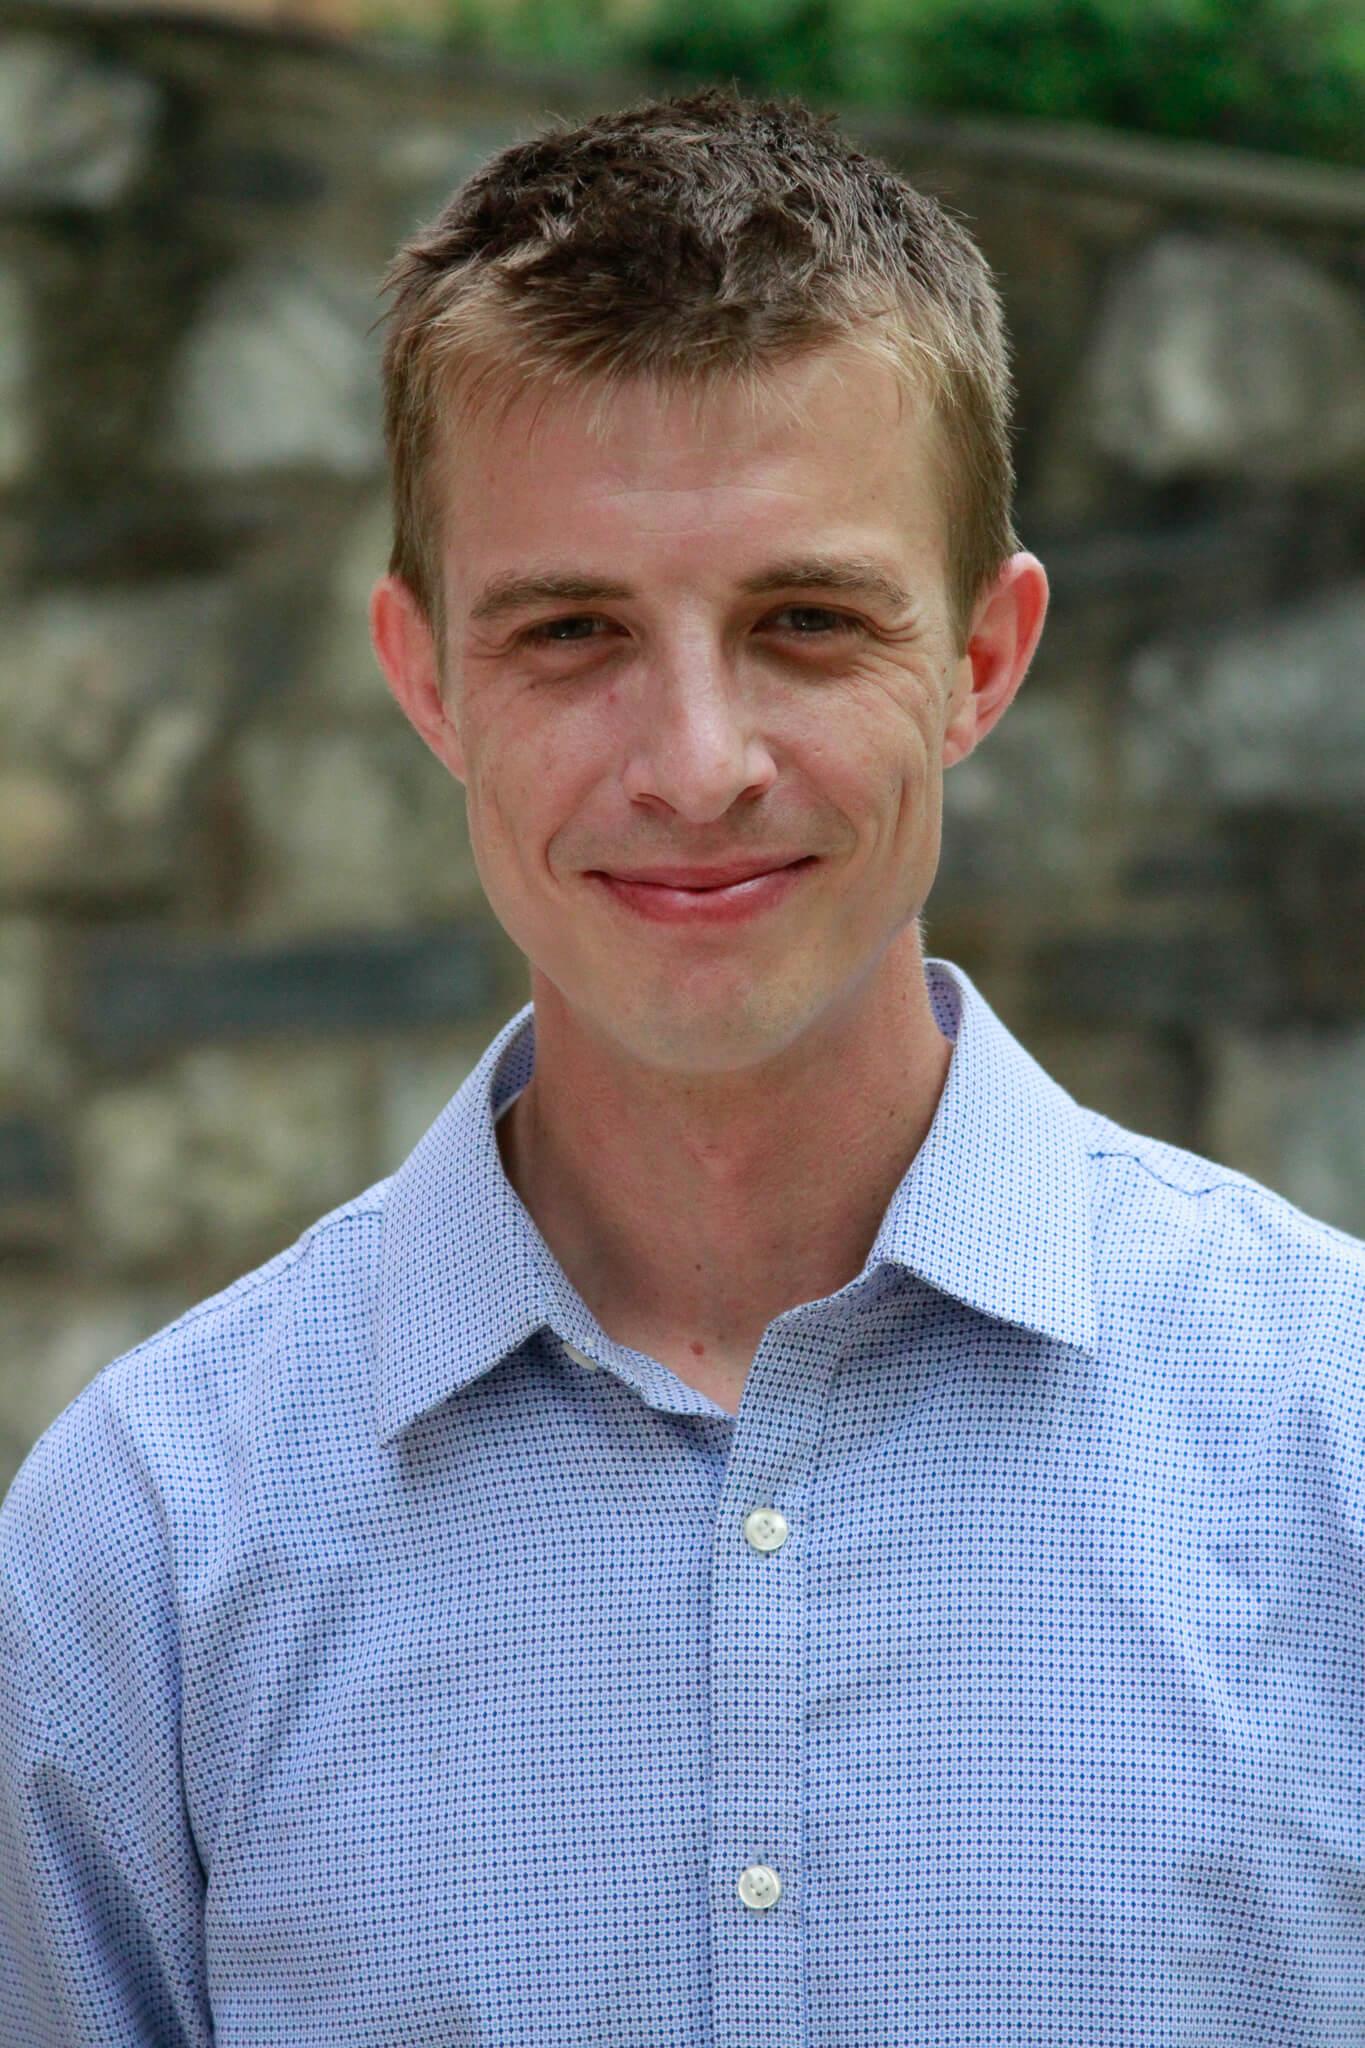 Matt Dobbe